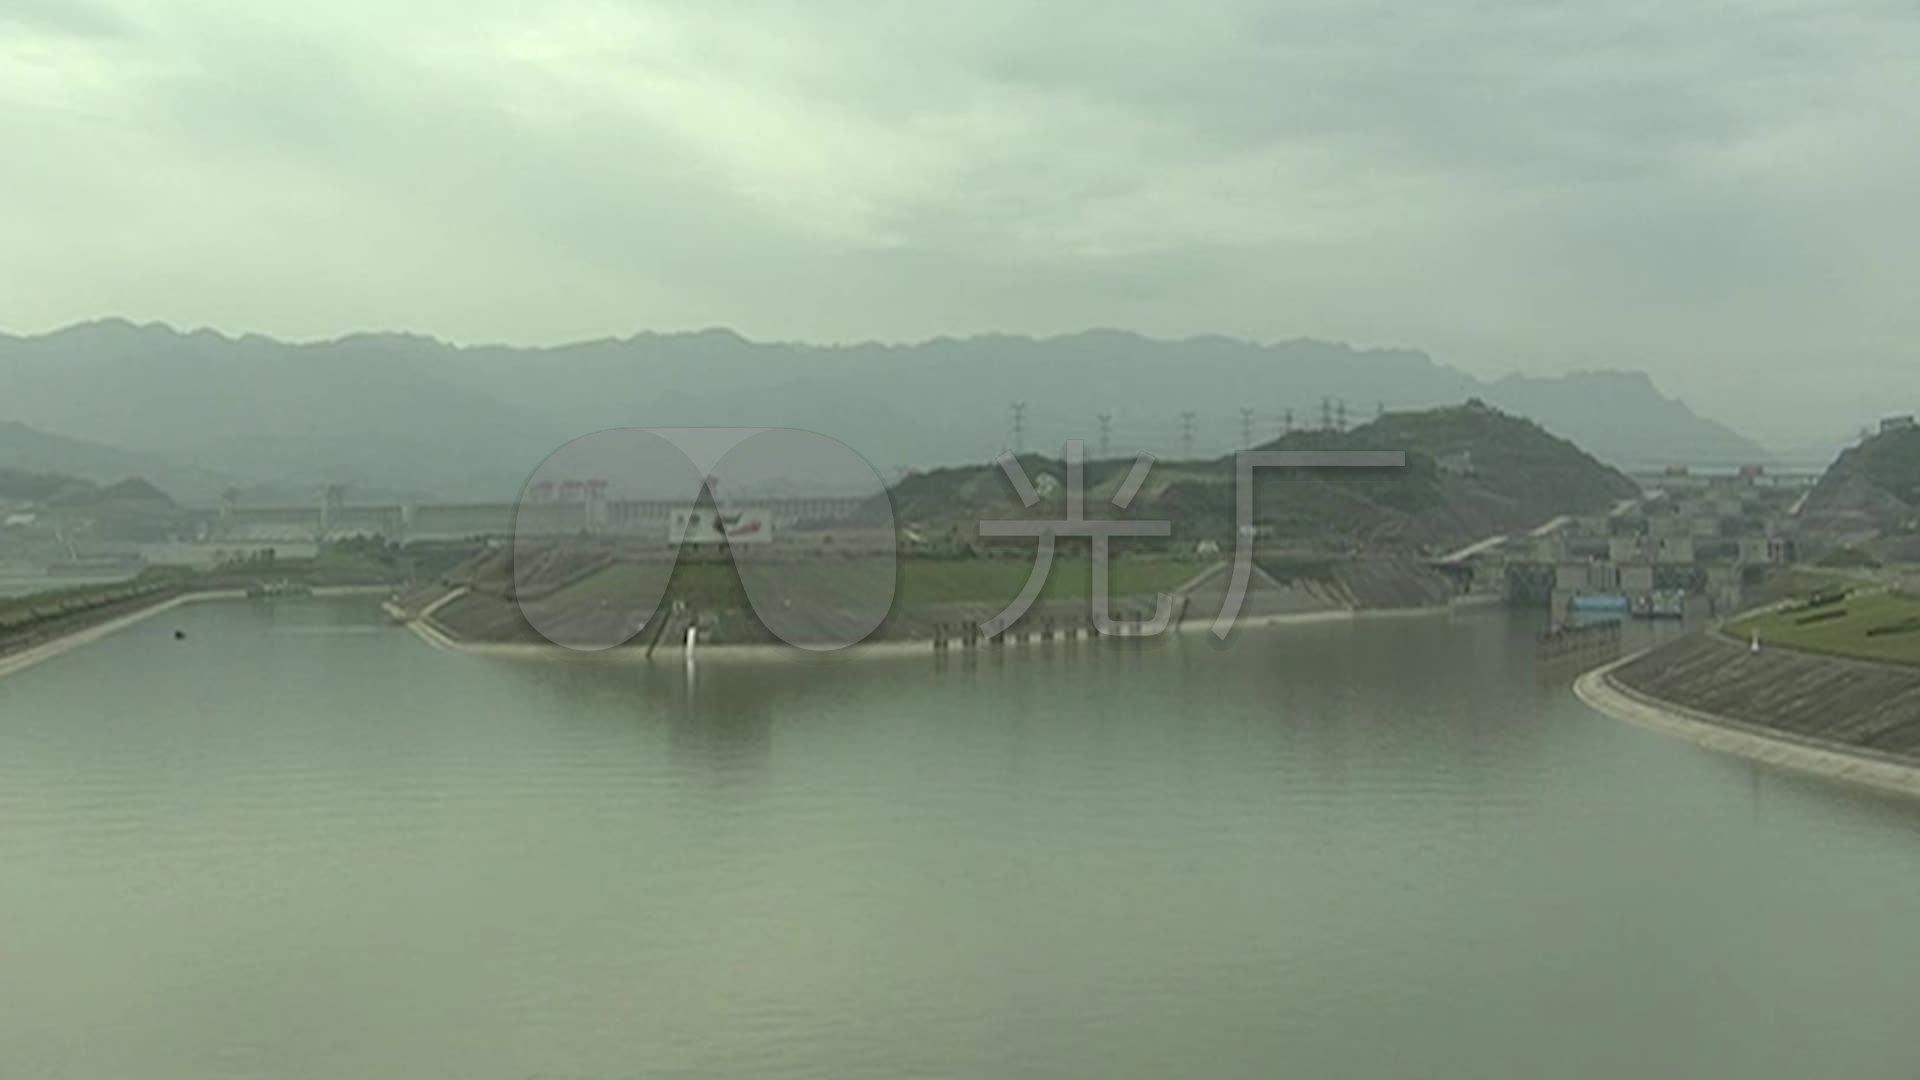 90年代的三峡大坝发电站_素材视频包编号(下载白雪石视频图片